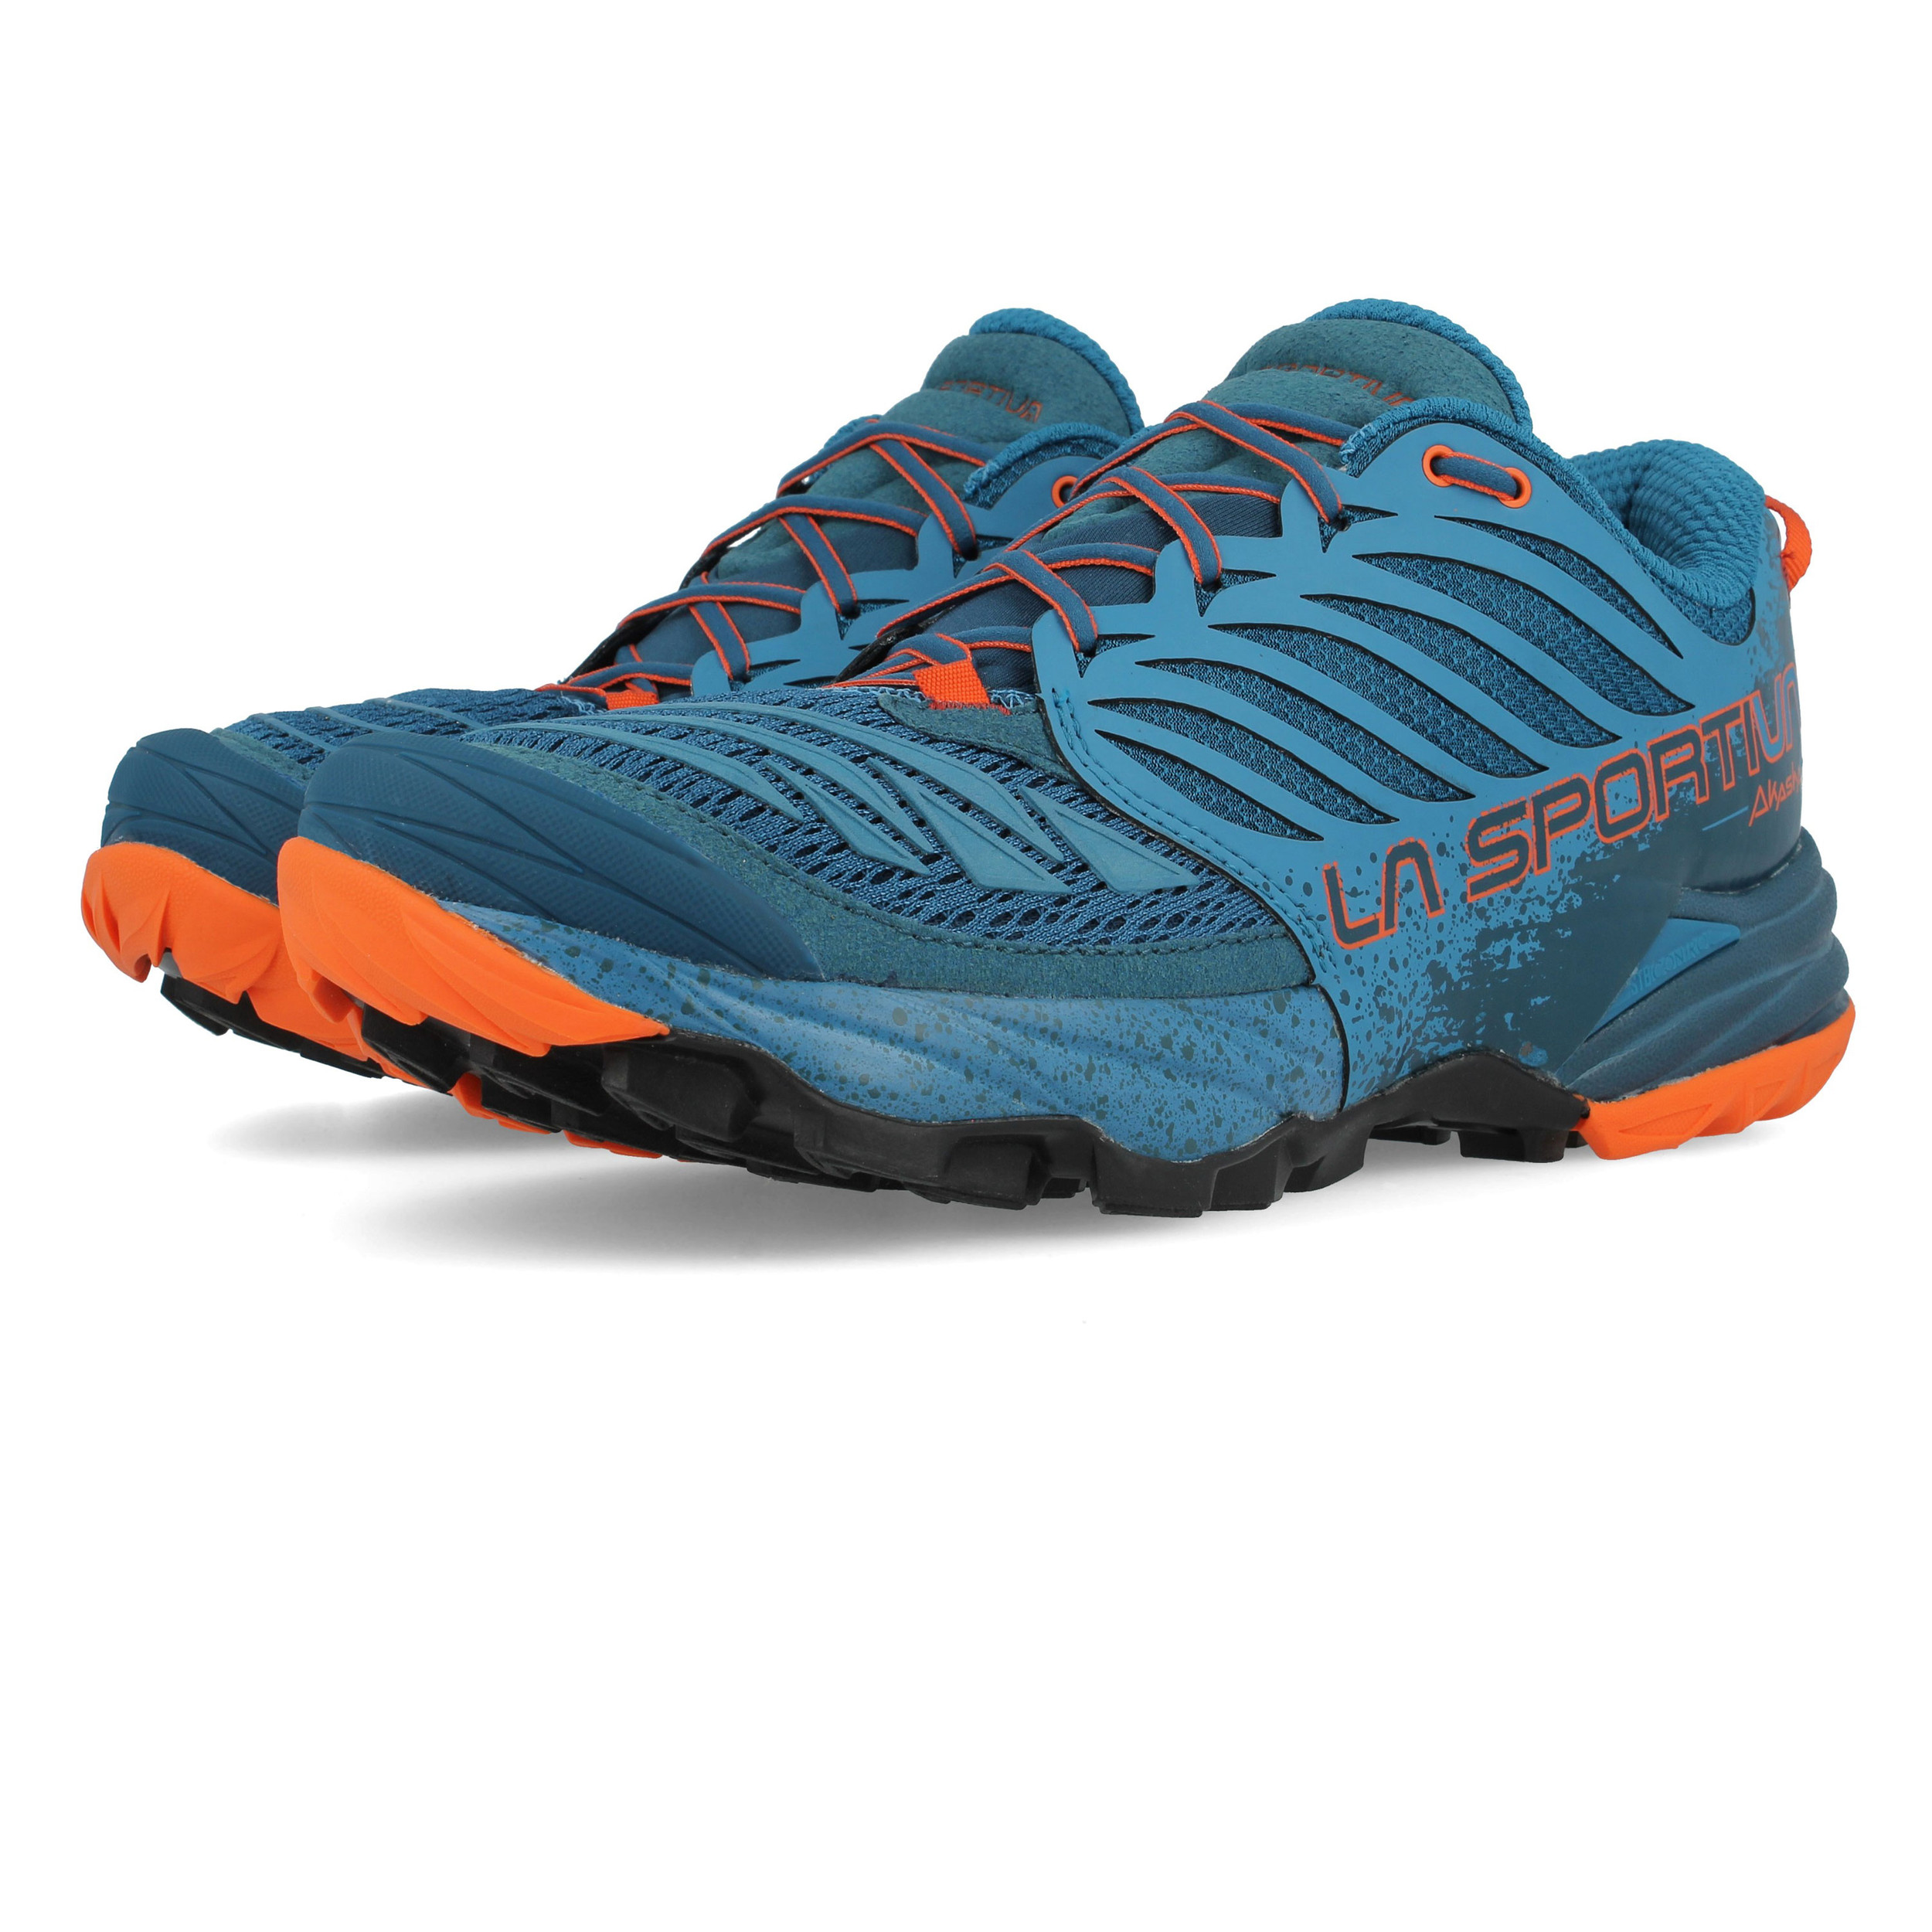 foto ufficiali 71152 a48ea Dettagli su La Sportiva Akasha Uomo Blu Trail Scarpe Da Corsa Ginnastica  Sneakers Sport